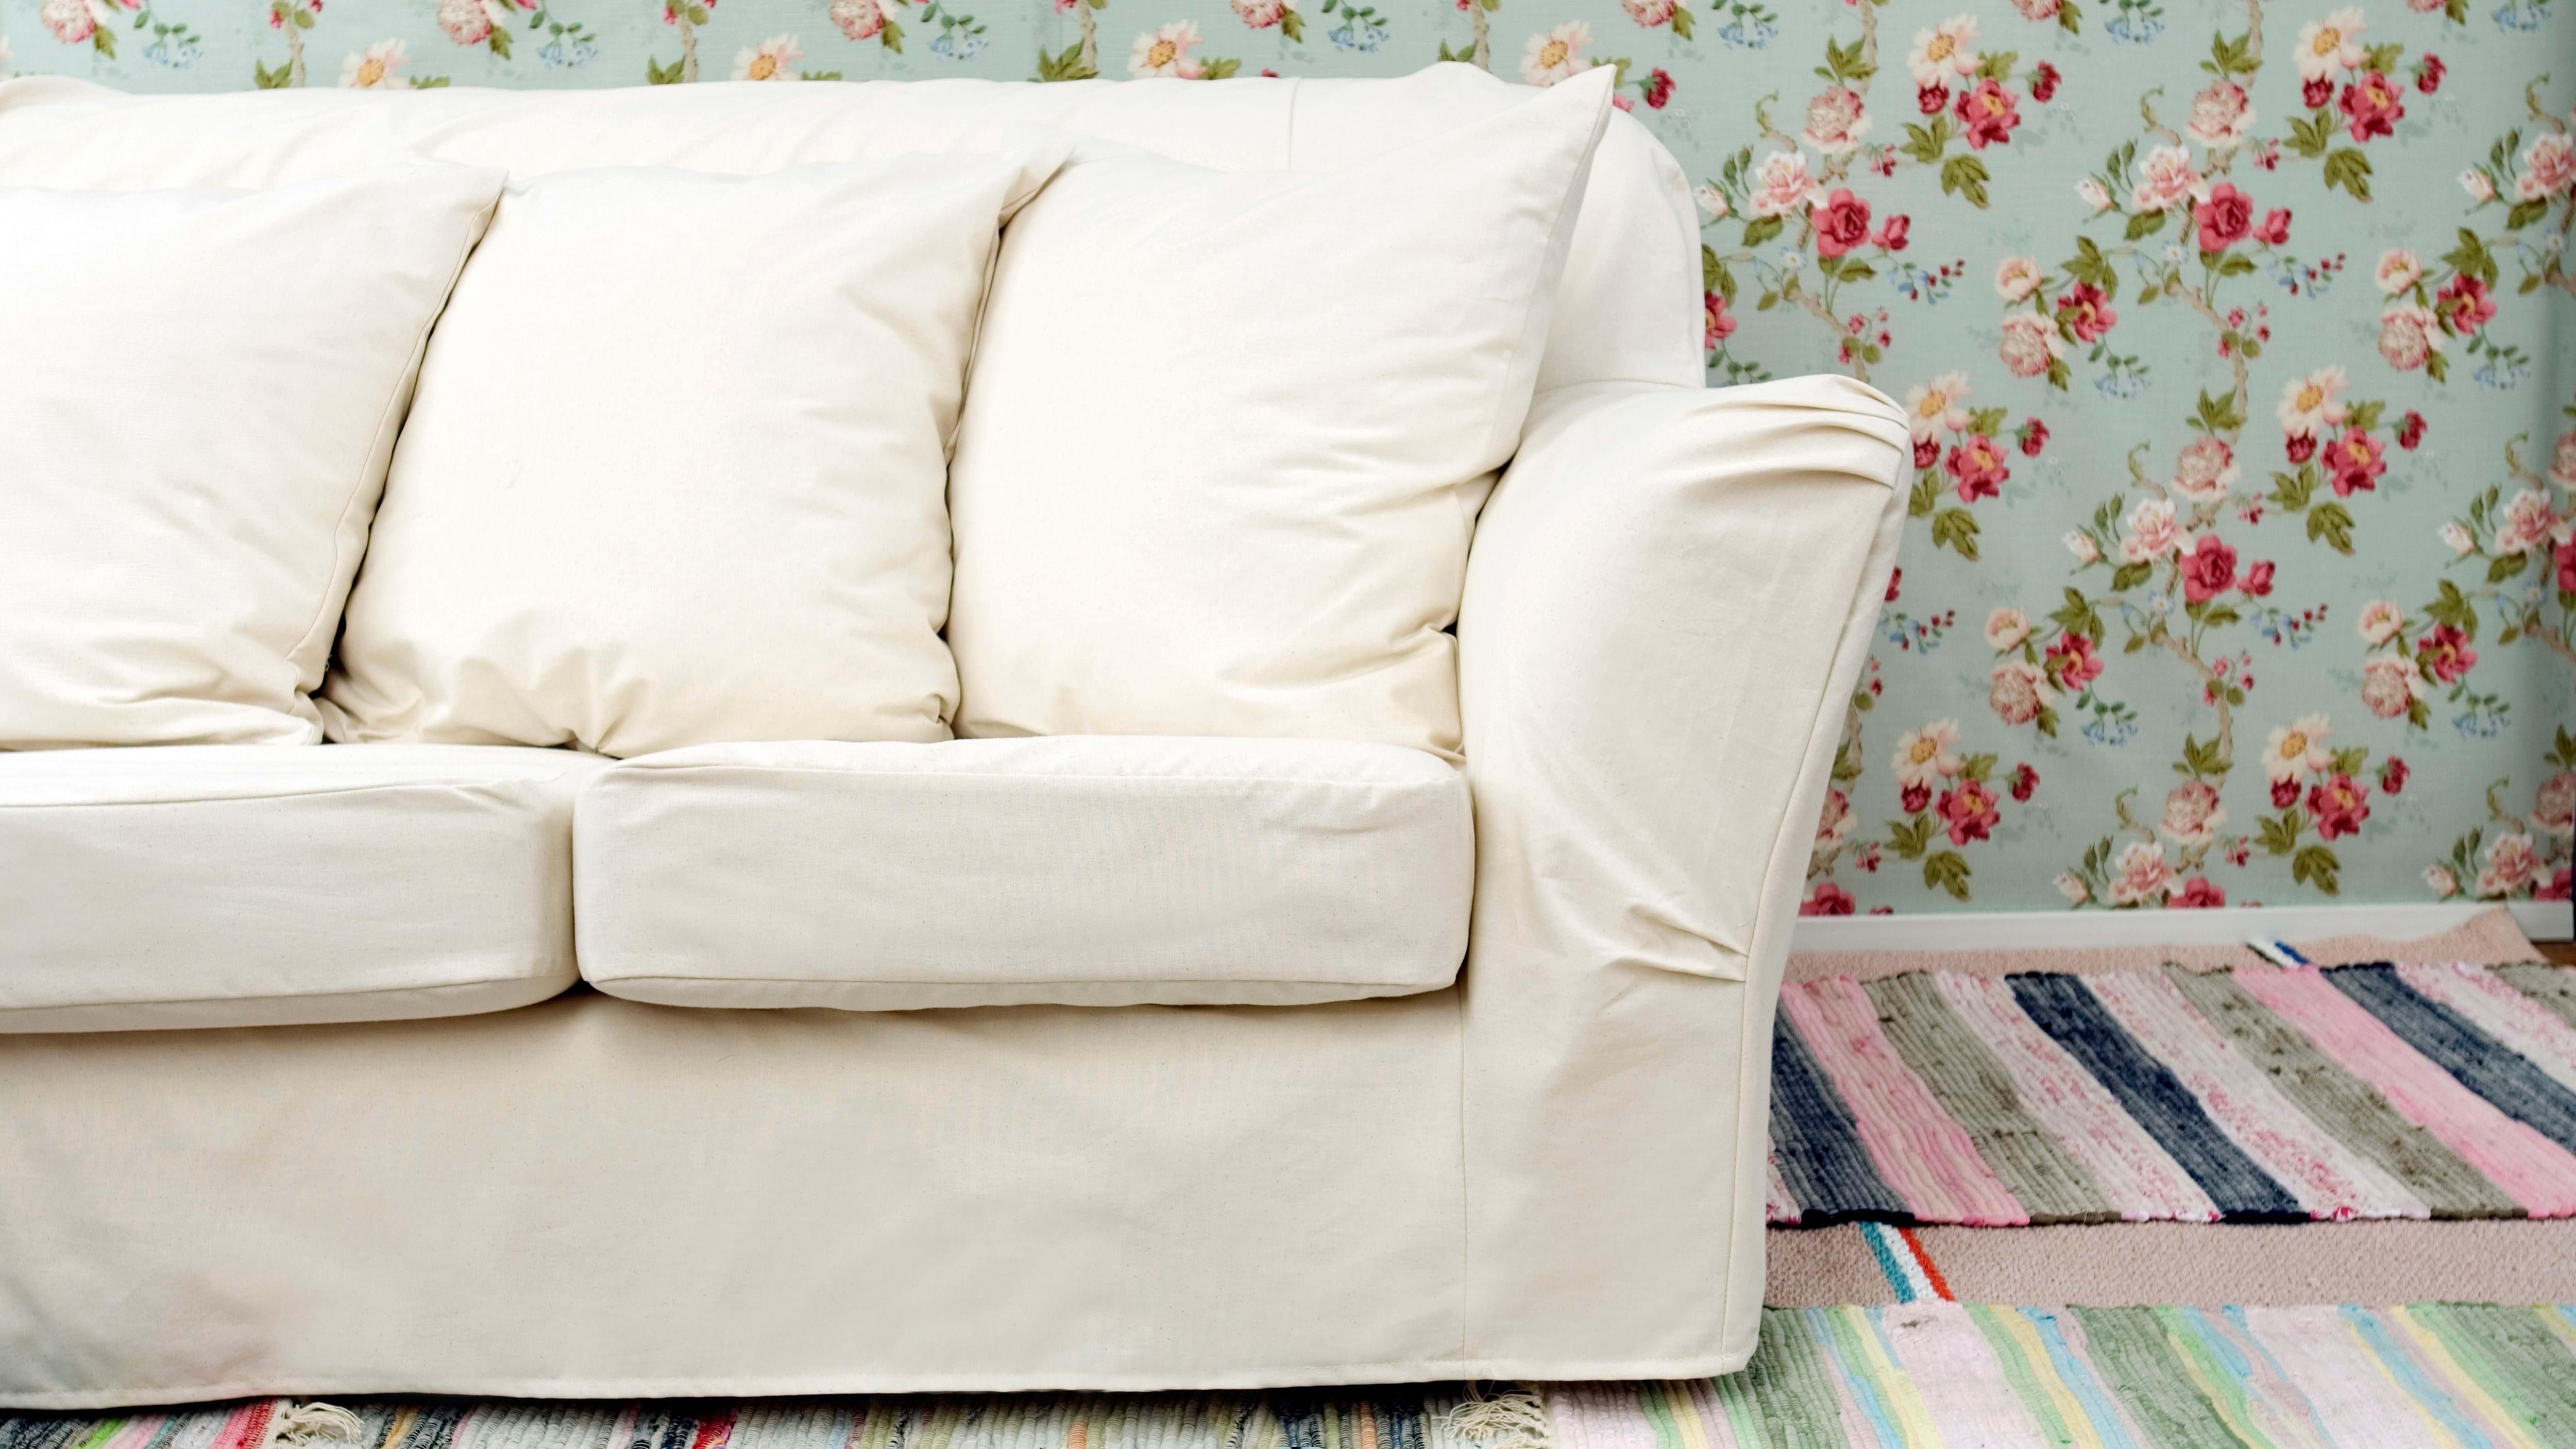 IKEA Tomelilla soffa översikt by Bemz | Bemz